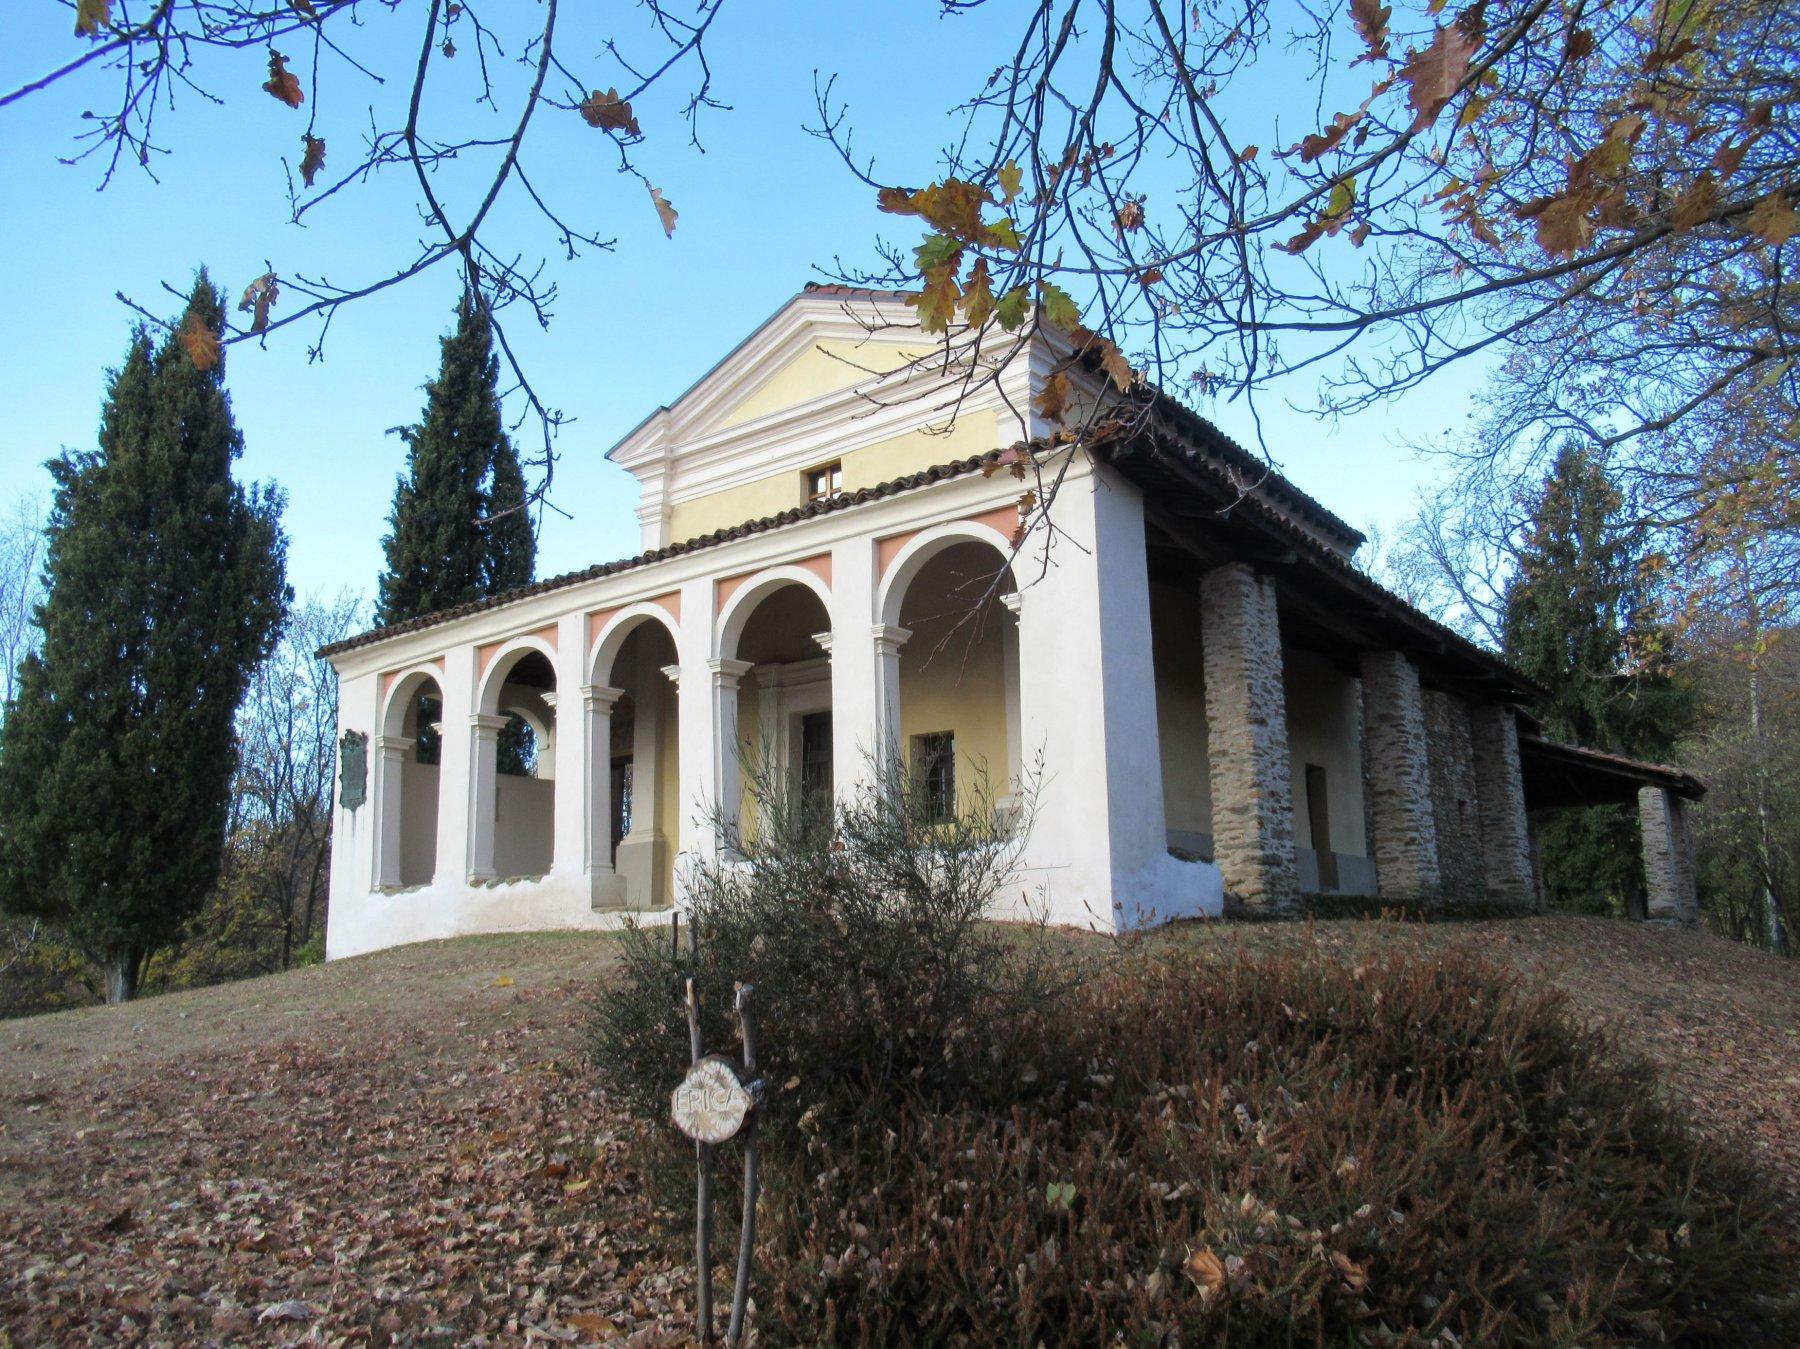 Chiesa di Santa Barnaba